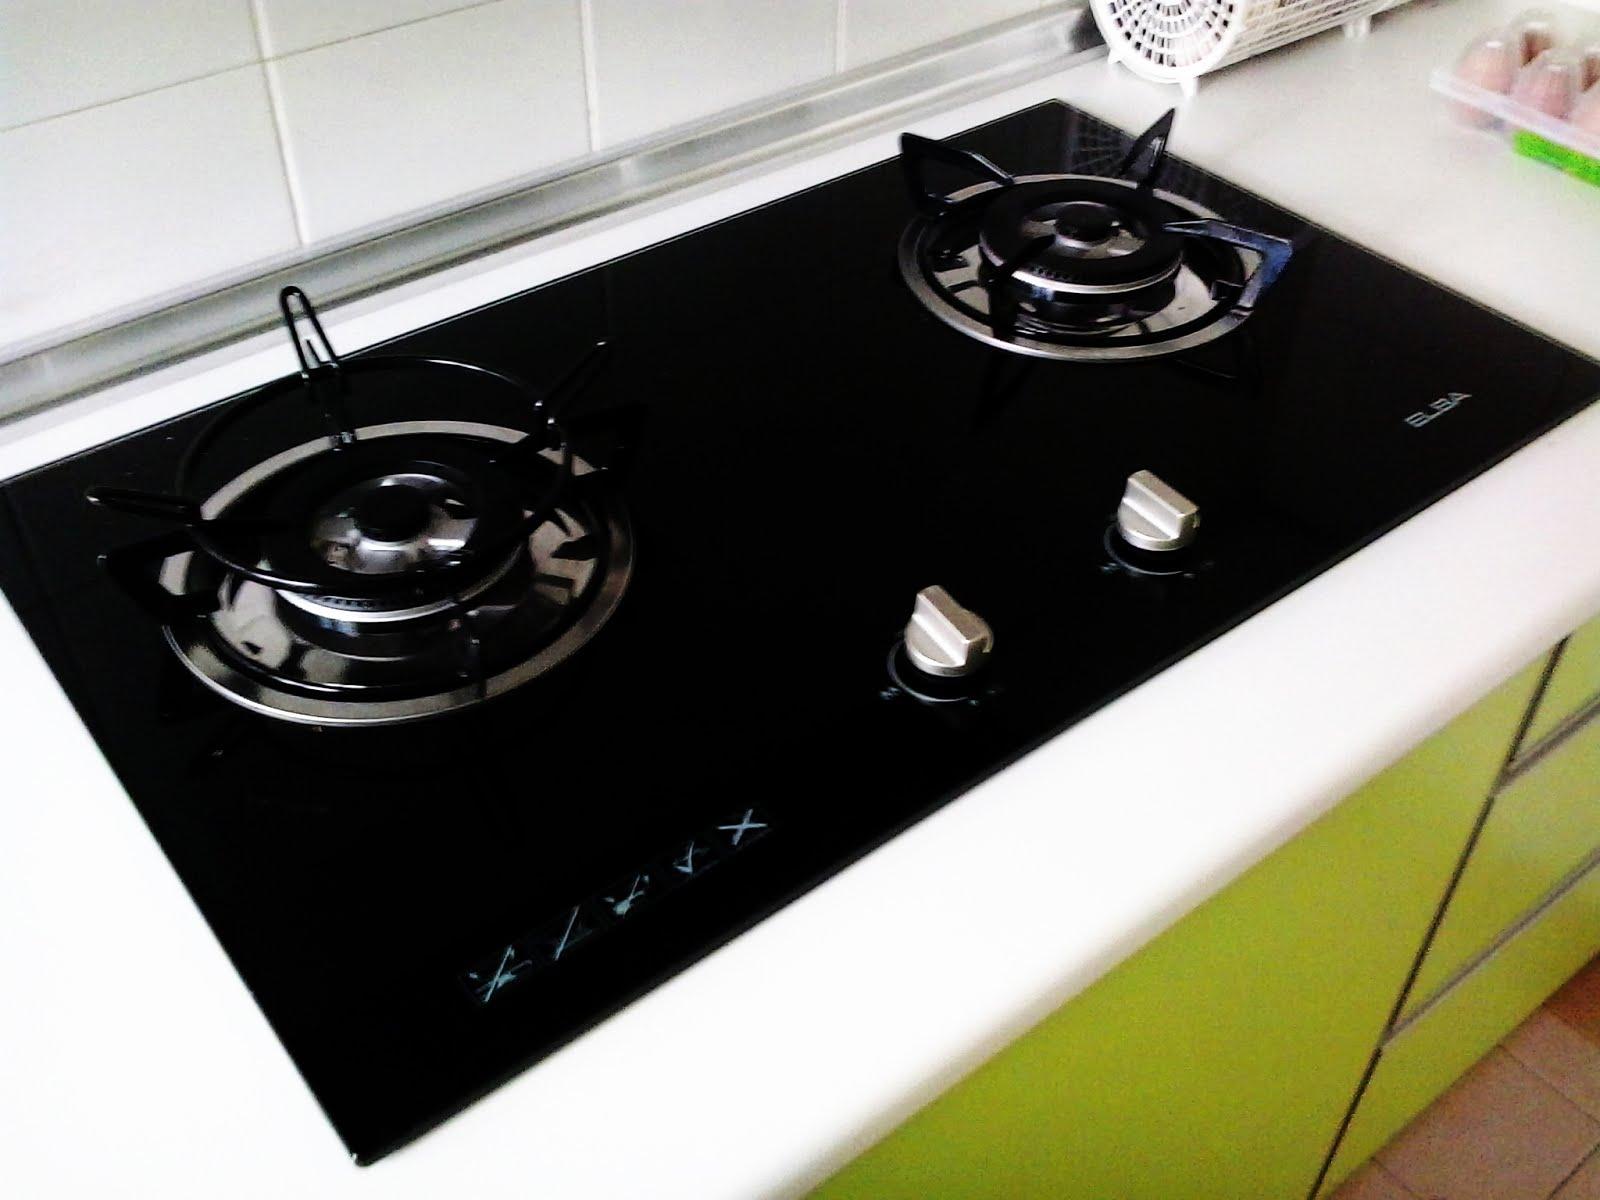 Pastel Yang Sudah Agak Kerap Diadaptasikan Keatas Rekaan Kabinet Dapurnya Dengan Terkini Bersama Gabungan Warna Terang Pastinya Suasana Dapur